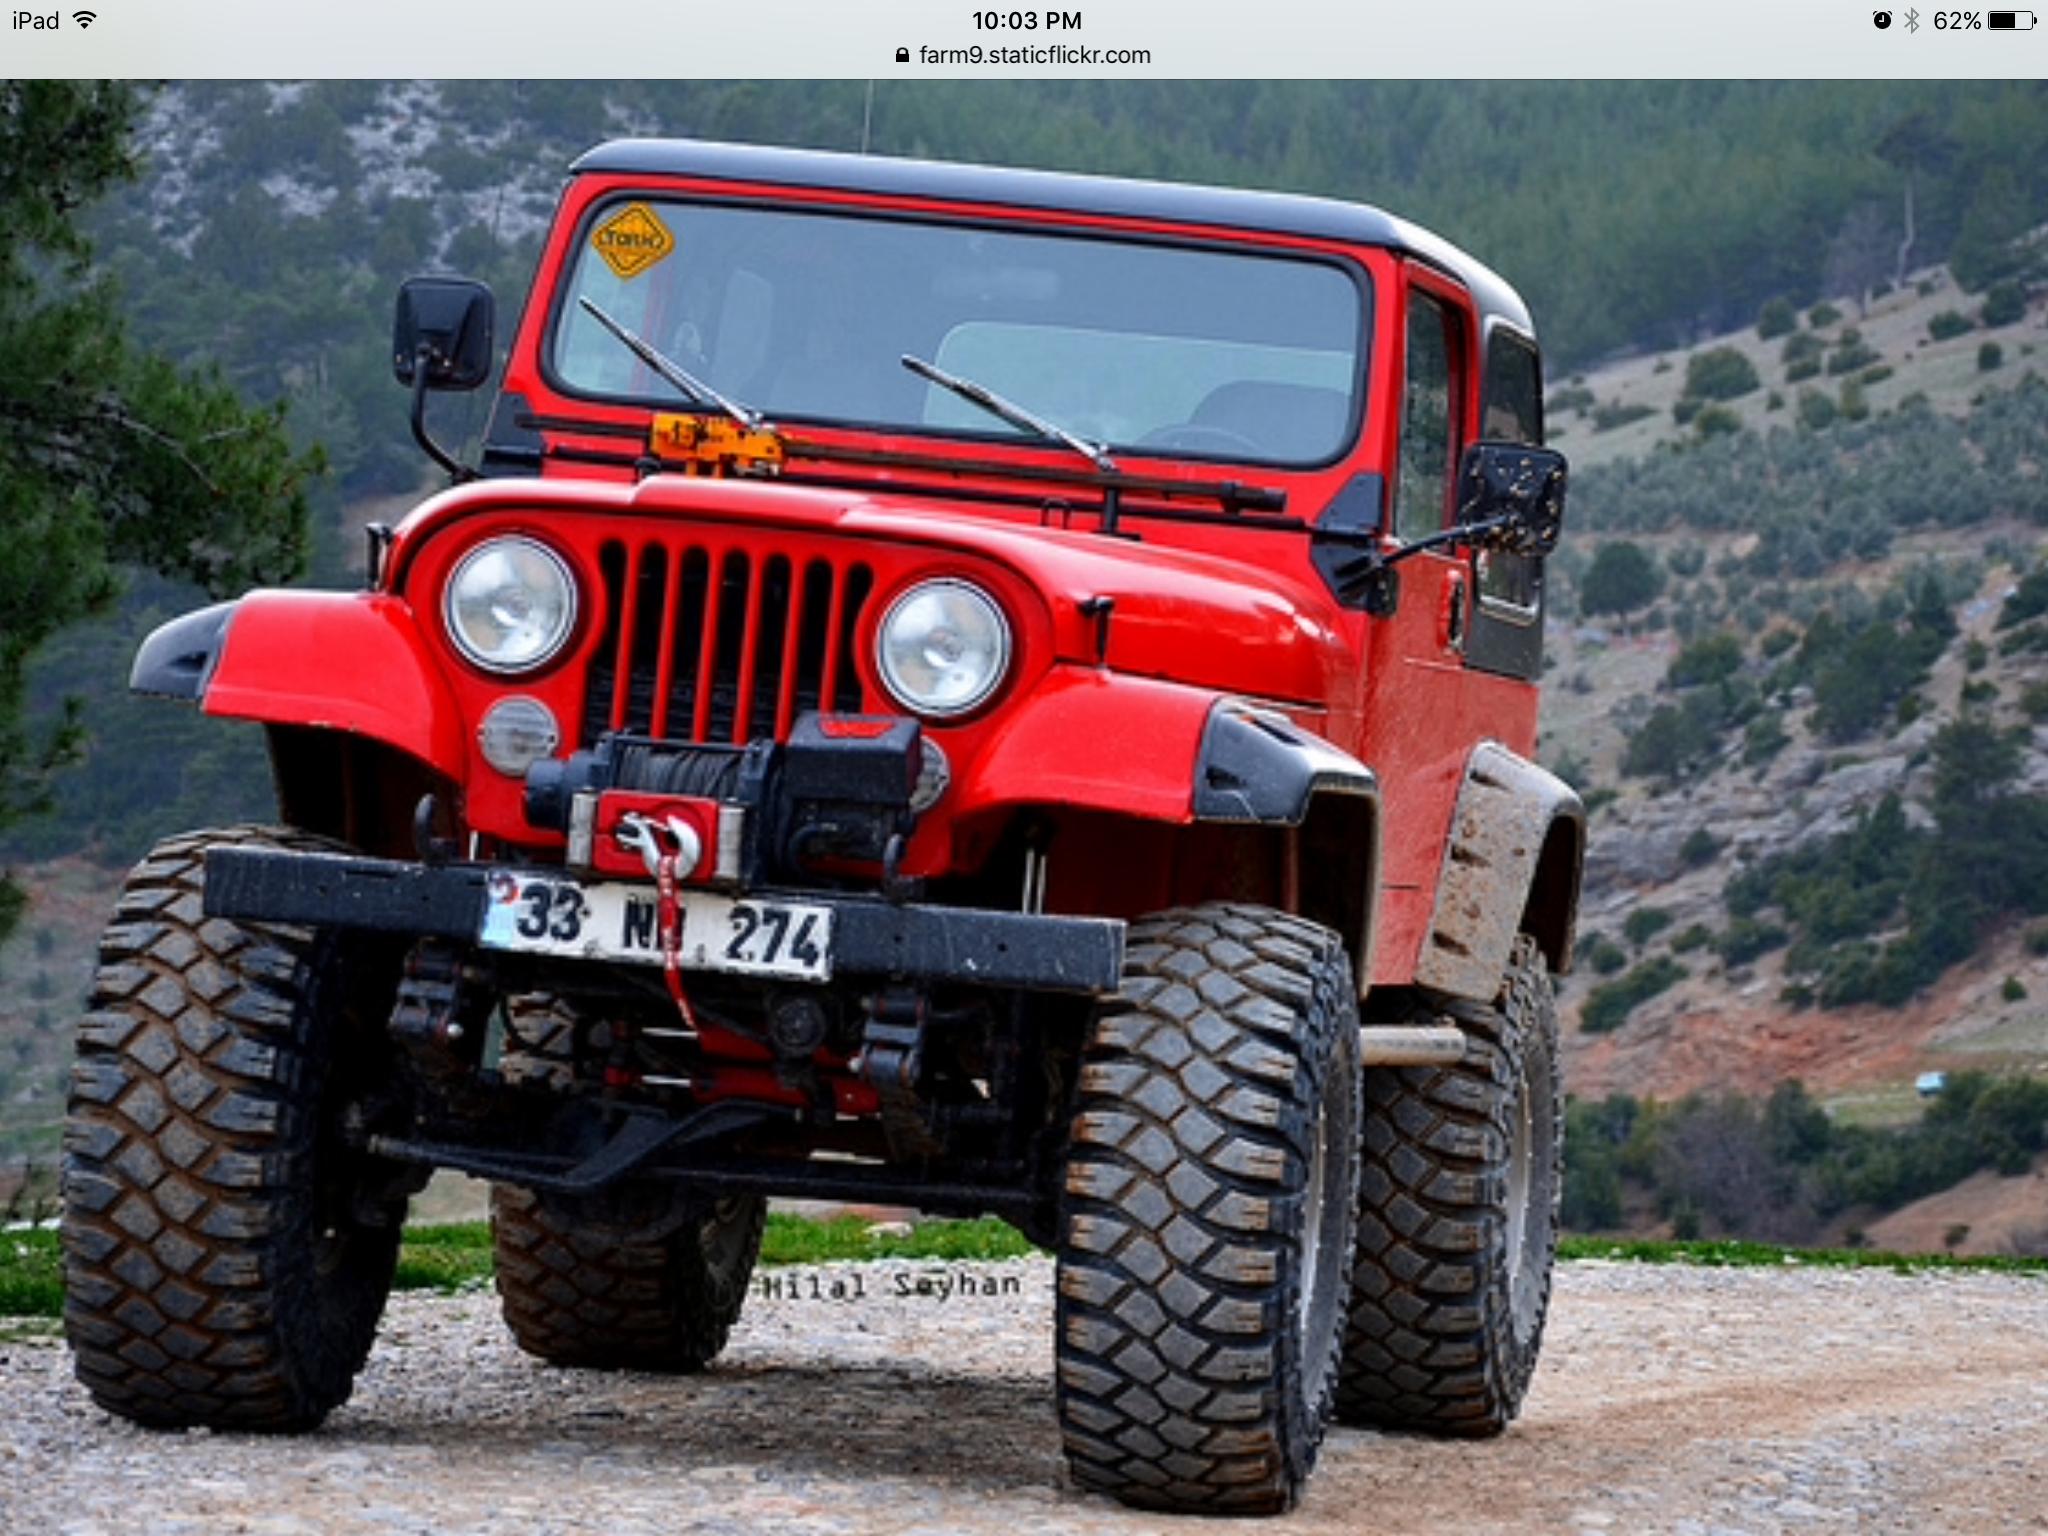 Pin By Ruppert 51x On Super Jeep Jeep Cj Jeep Cj7 Jeep Cj5